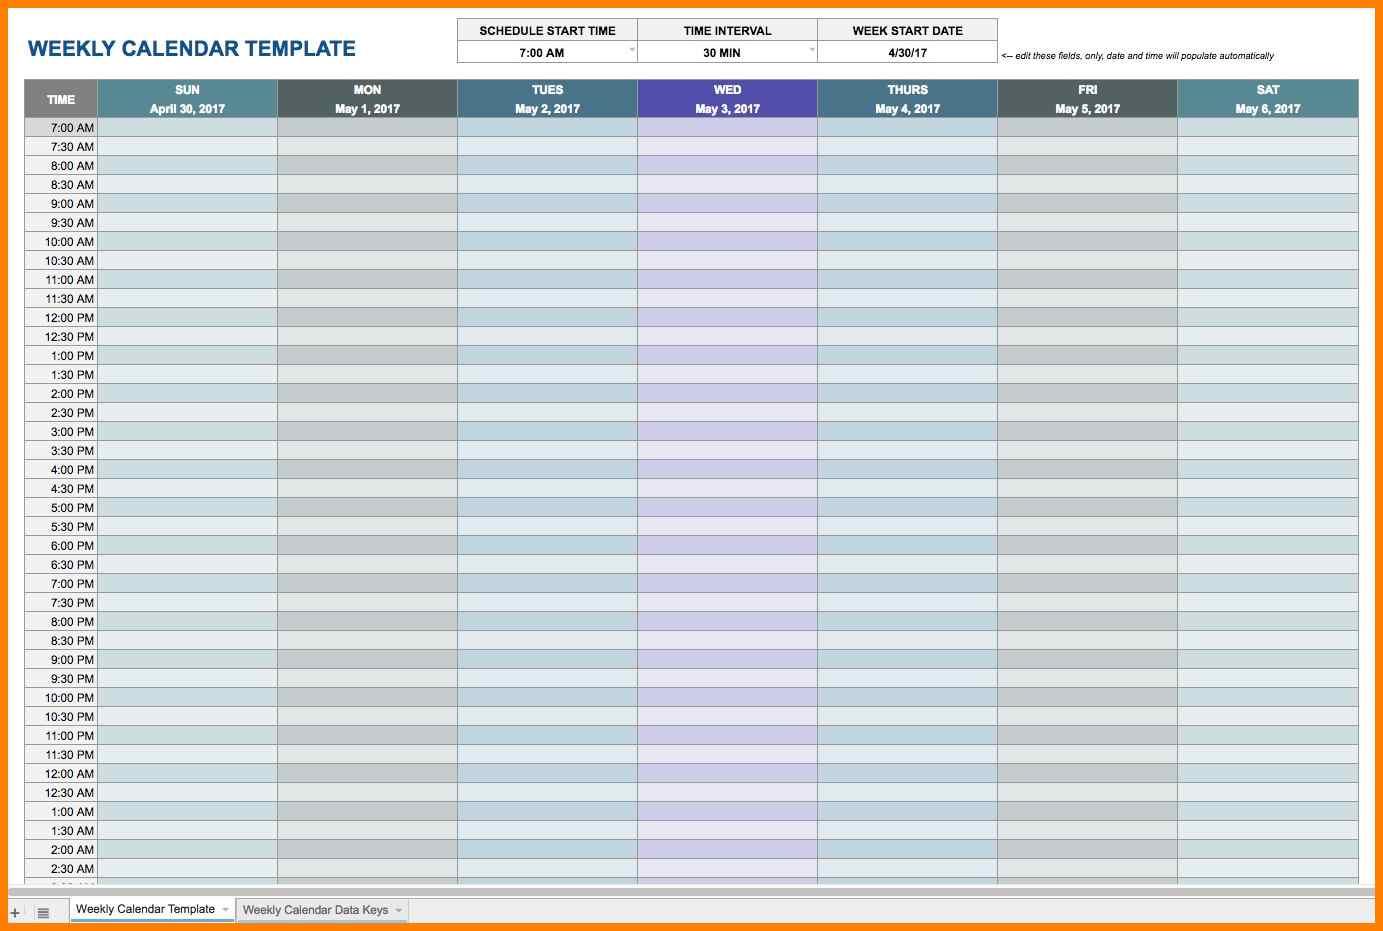 Calendar Template Google Docs Spreadsheet Within 8+ Google Docs Calendar Templates  Pear Tree Digital